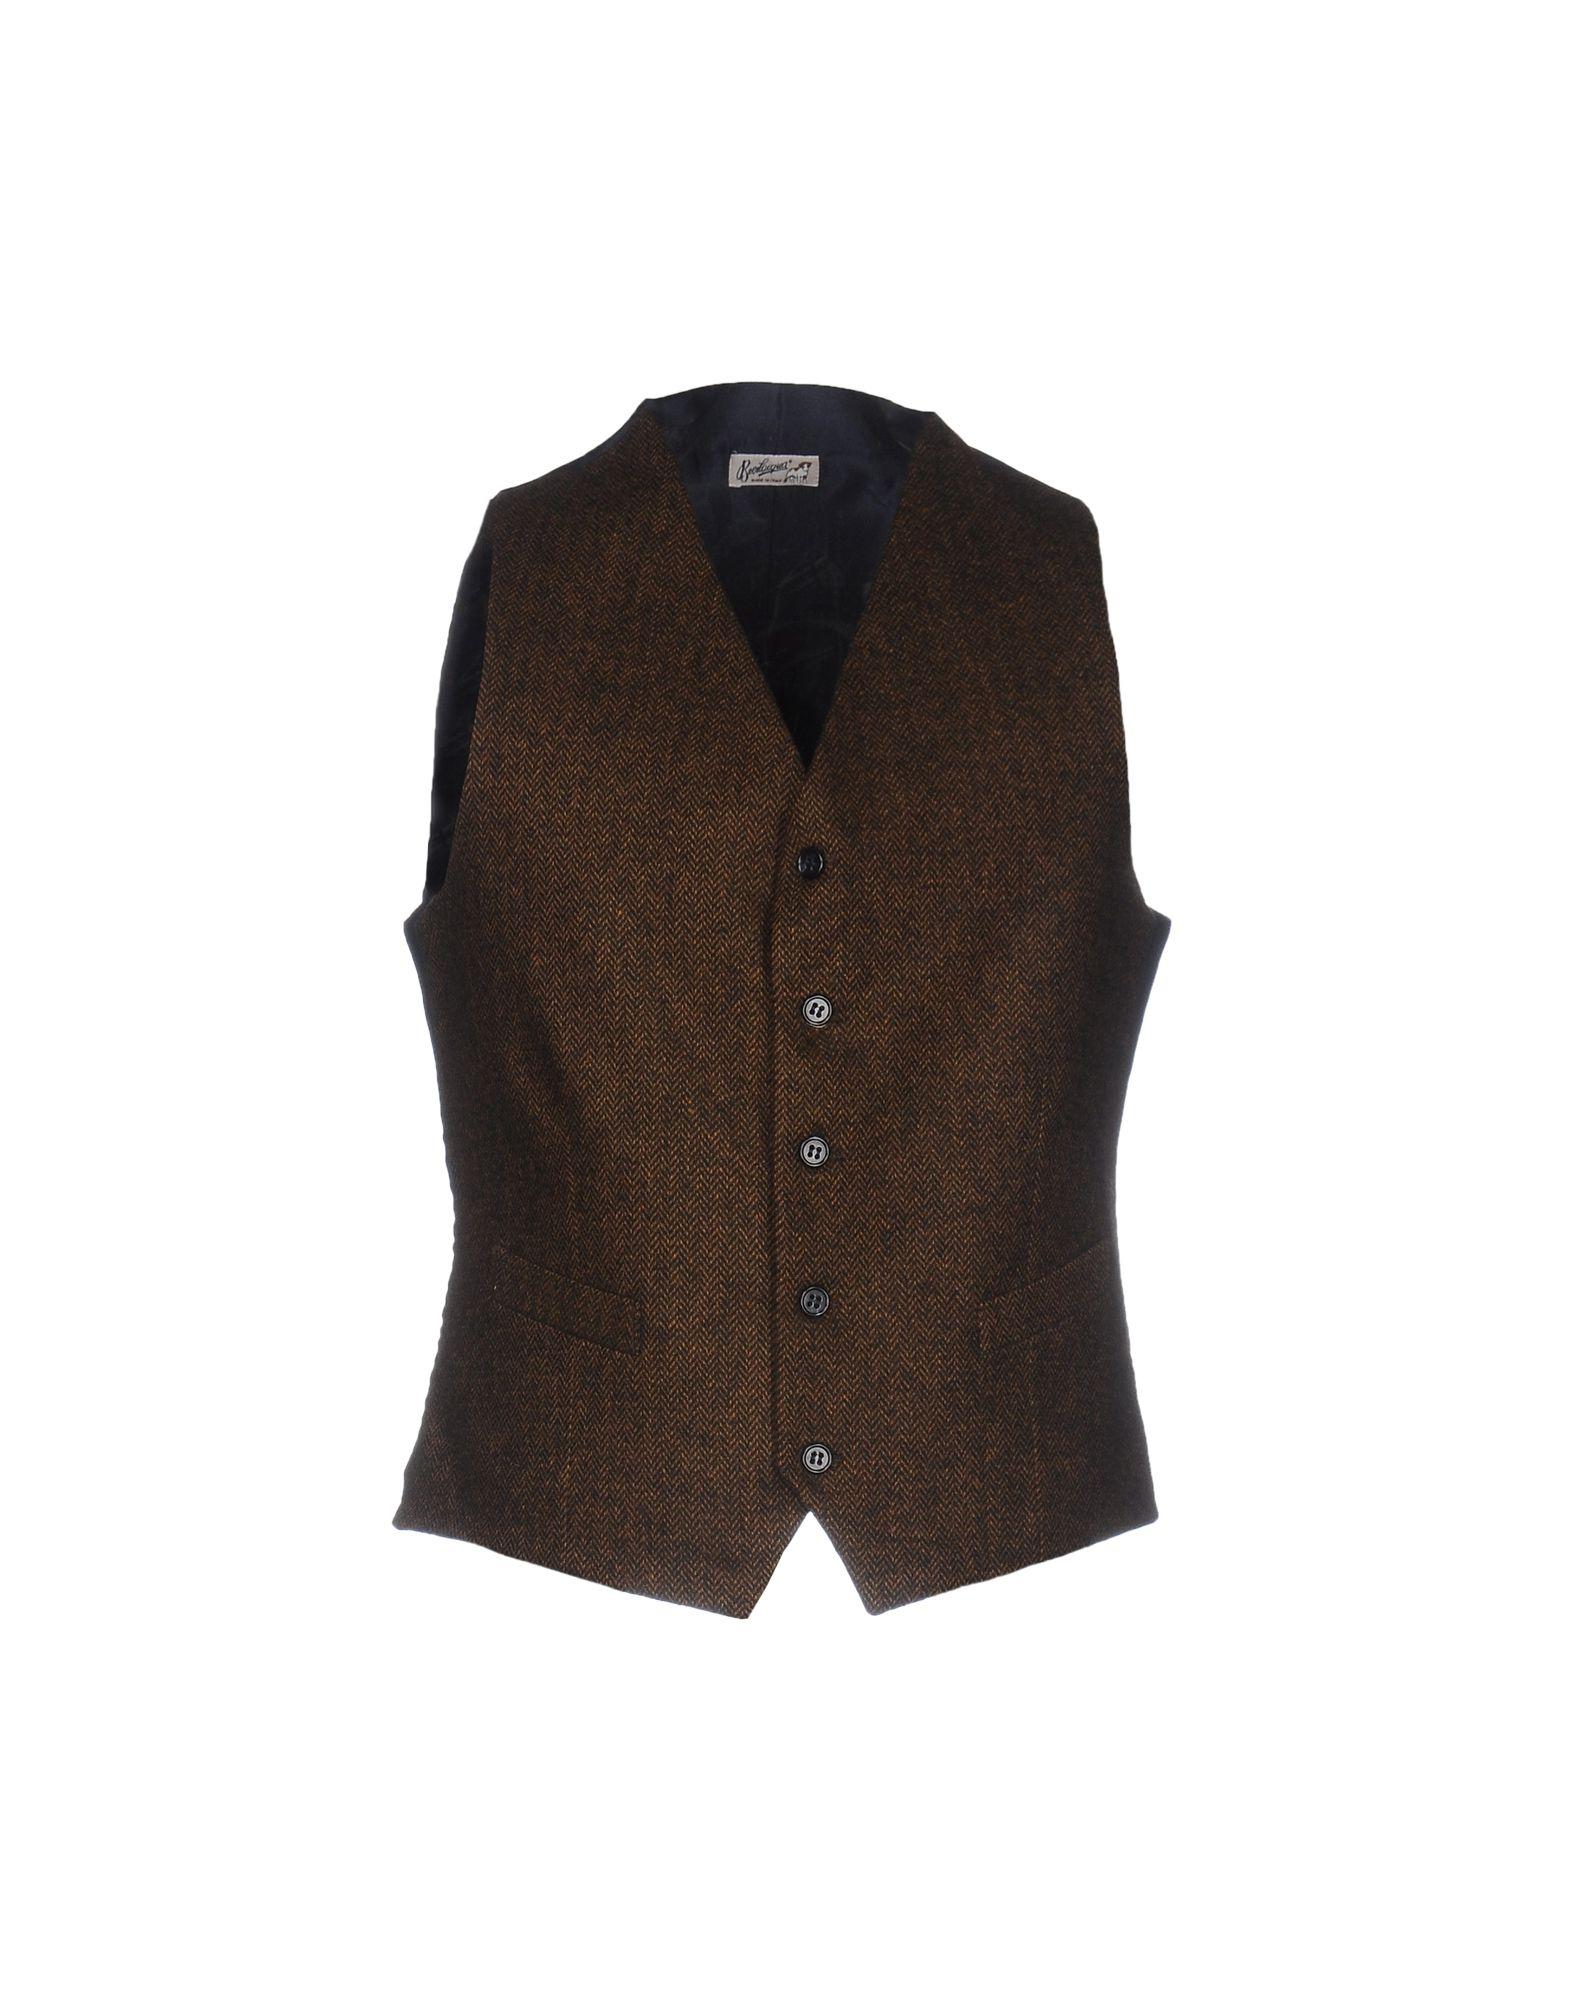 BEVILACQUA Suit Vest in Khaki